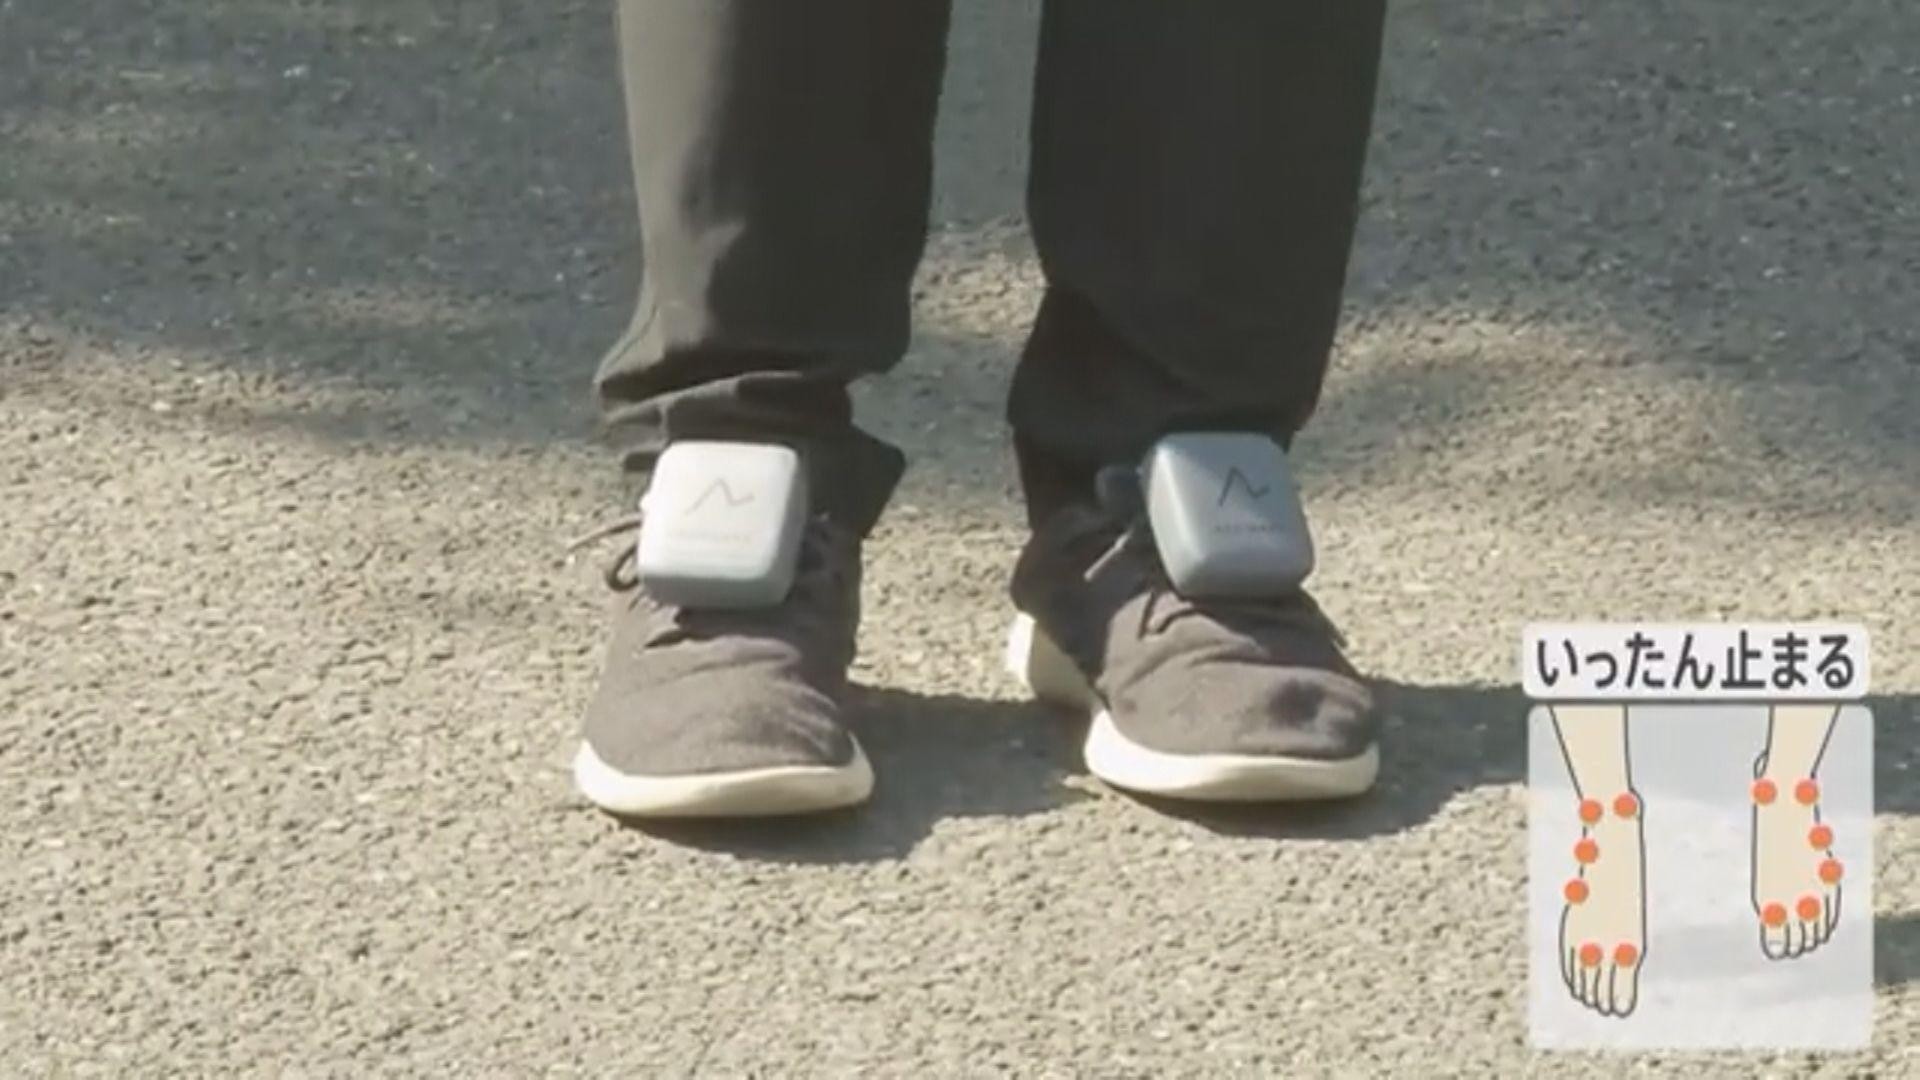 【即日焦點】台山核電站疑燃料棒出問題 專家:惰性氣體經處理不影響健康;日本研發鞋內導航裝置 利用震動為視障人士帶路